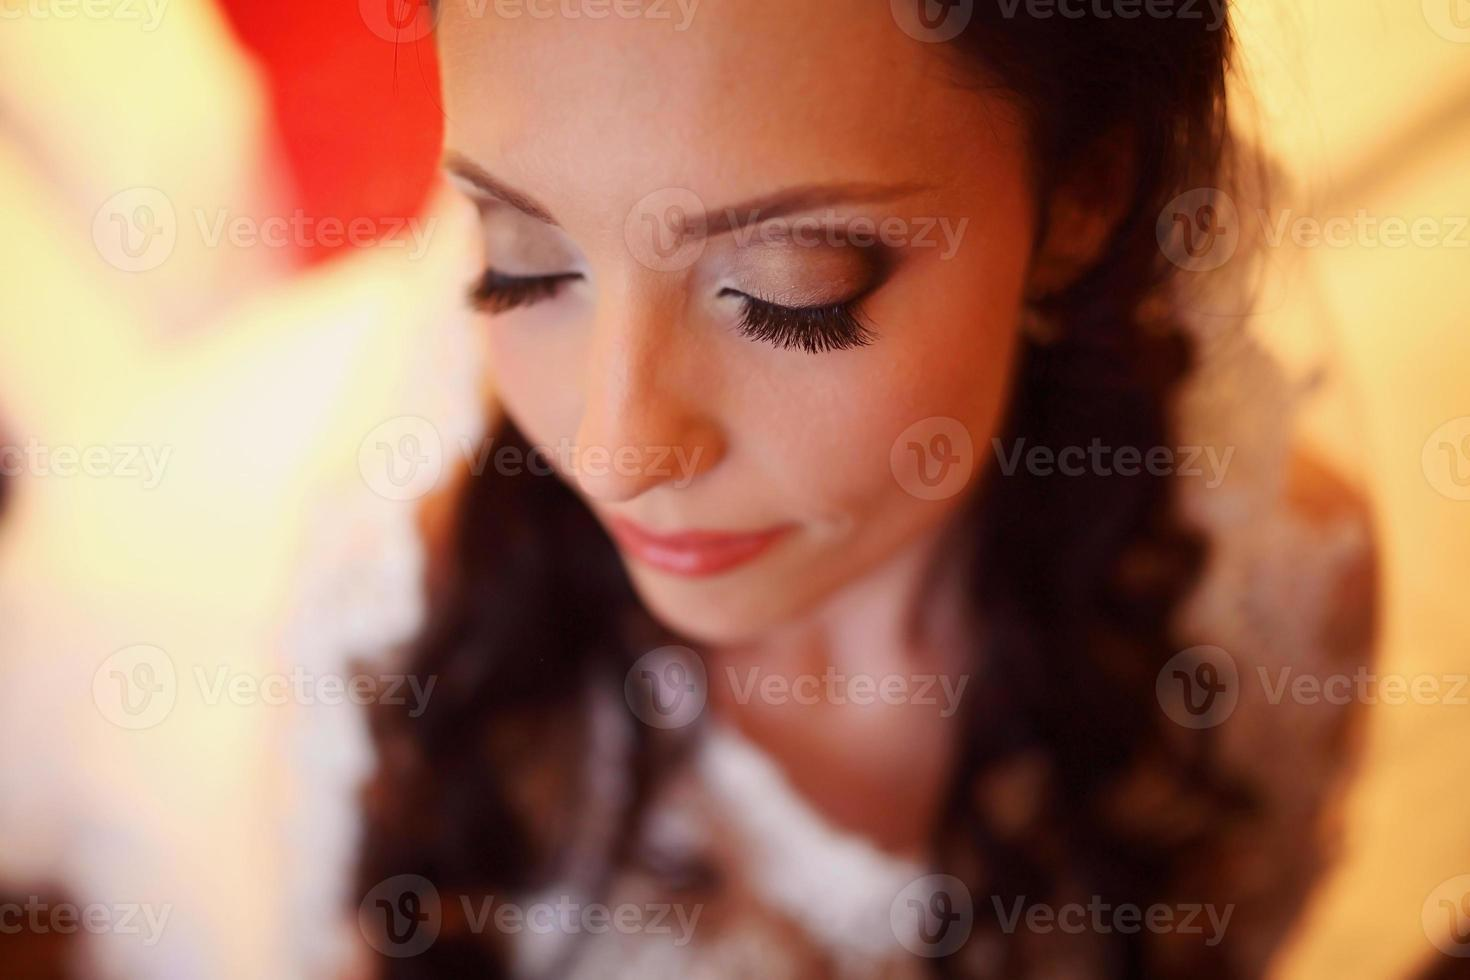 belle mariée le jour de son mariage se prépare photo